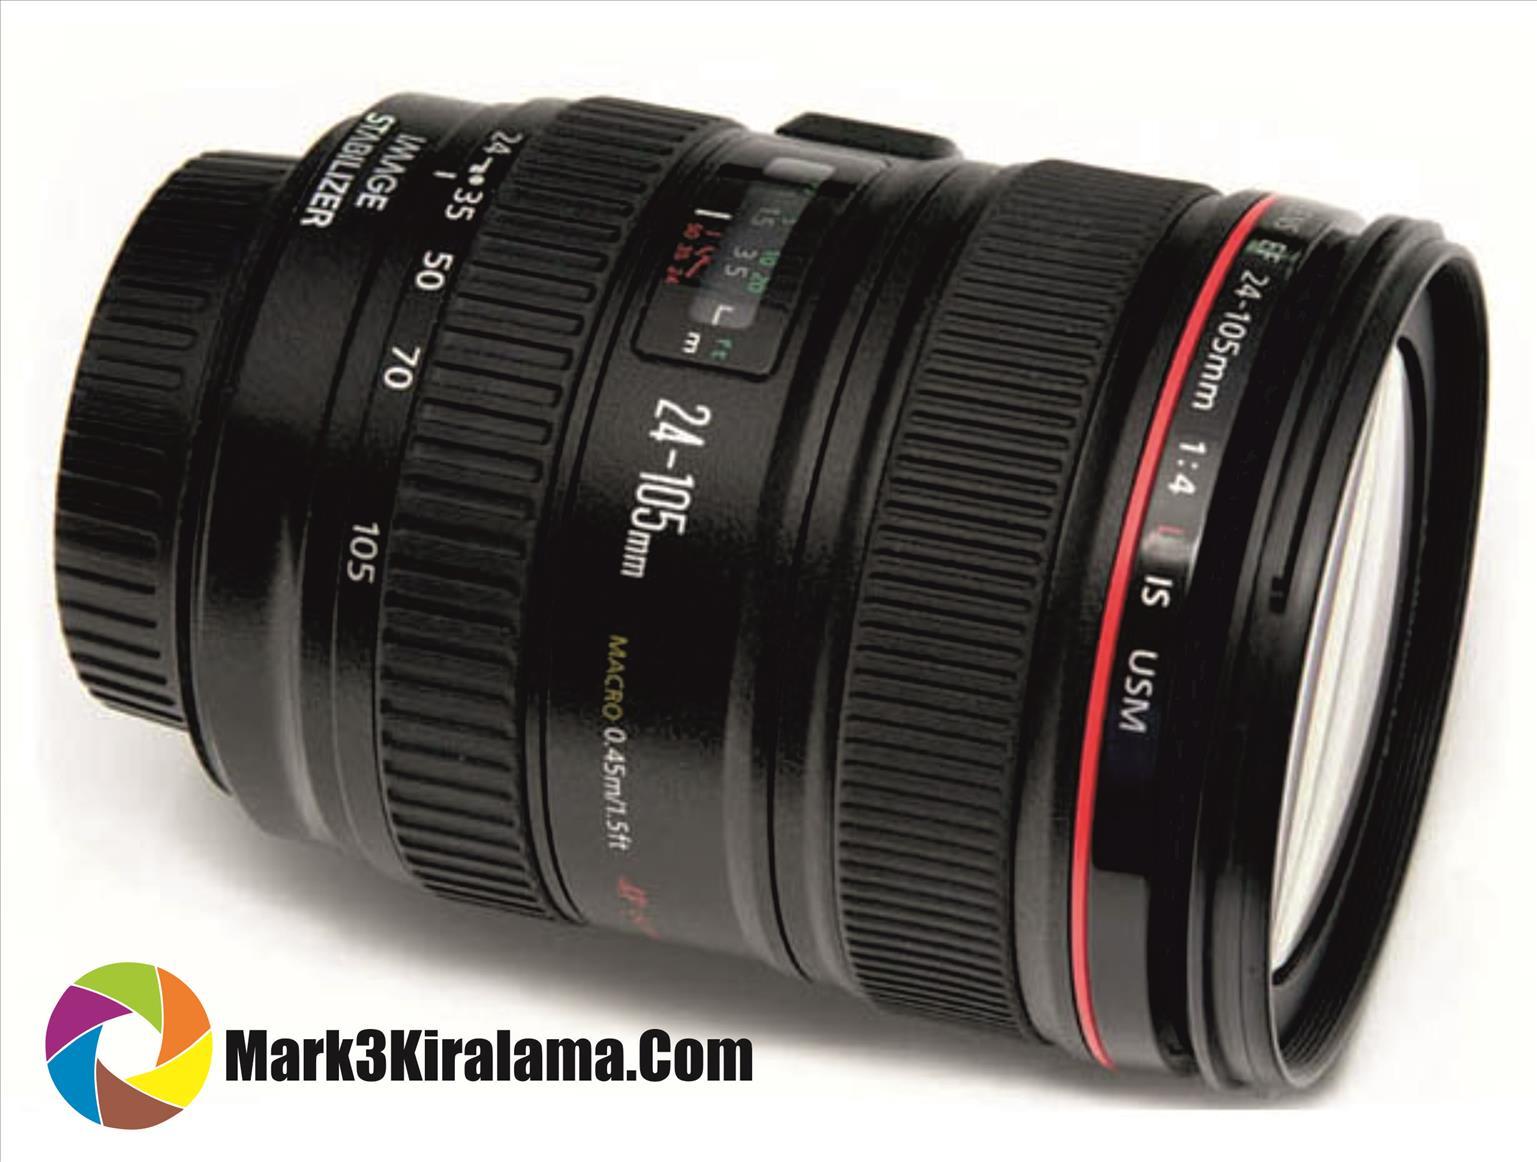 Canon 24-105 (f/4) Image